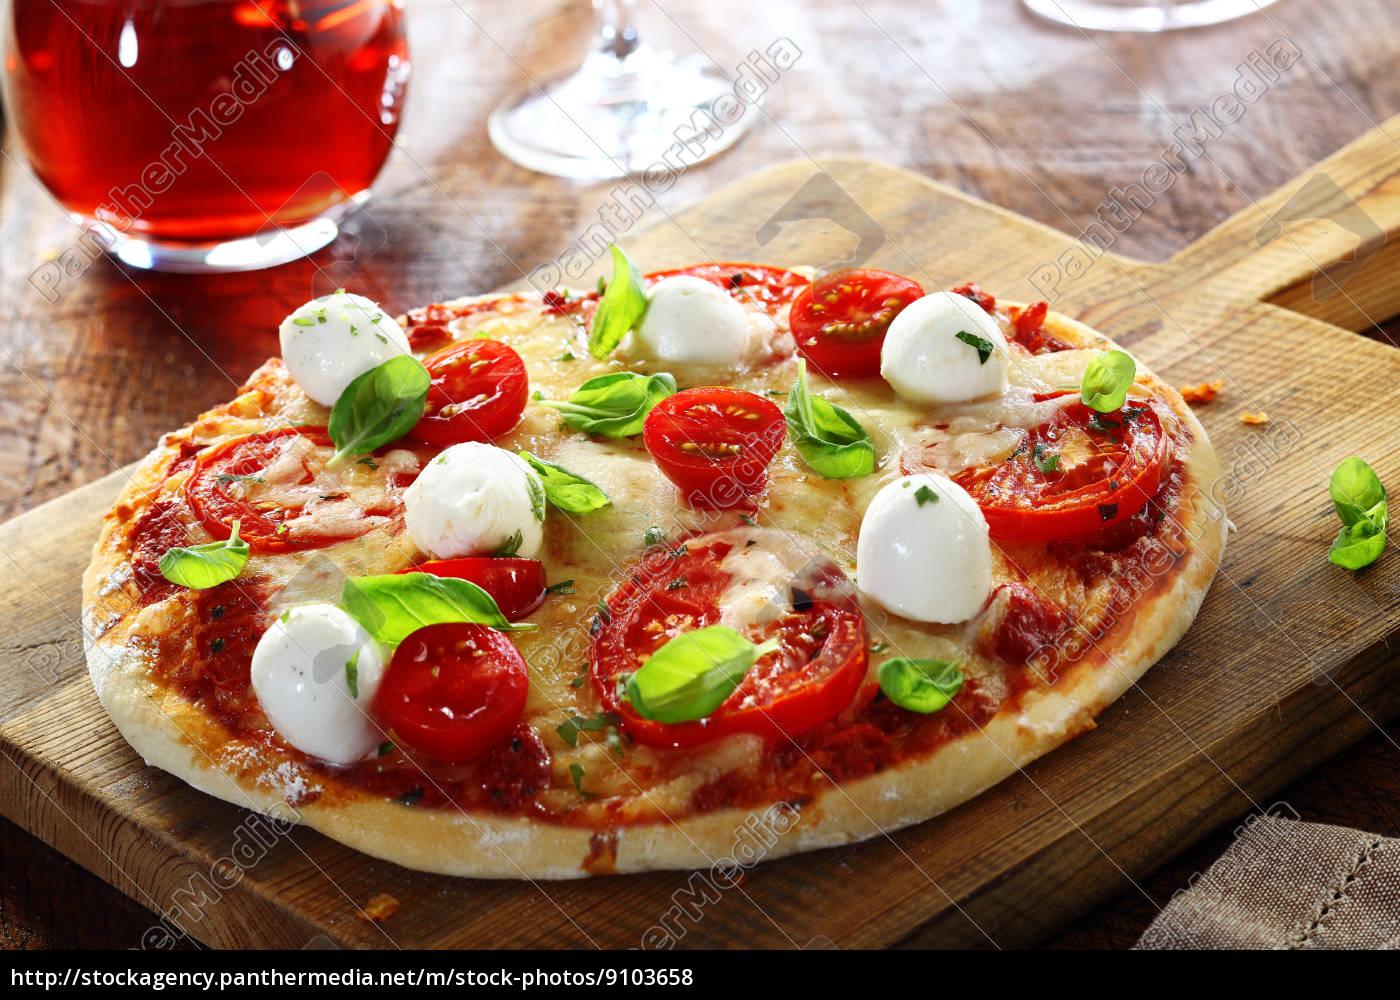 köstliche, hausgemachte, italienische, pizza - 9103658